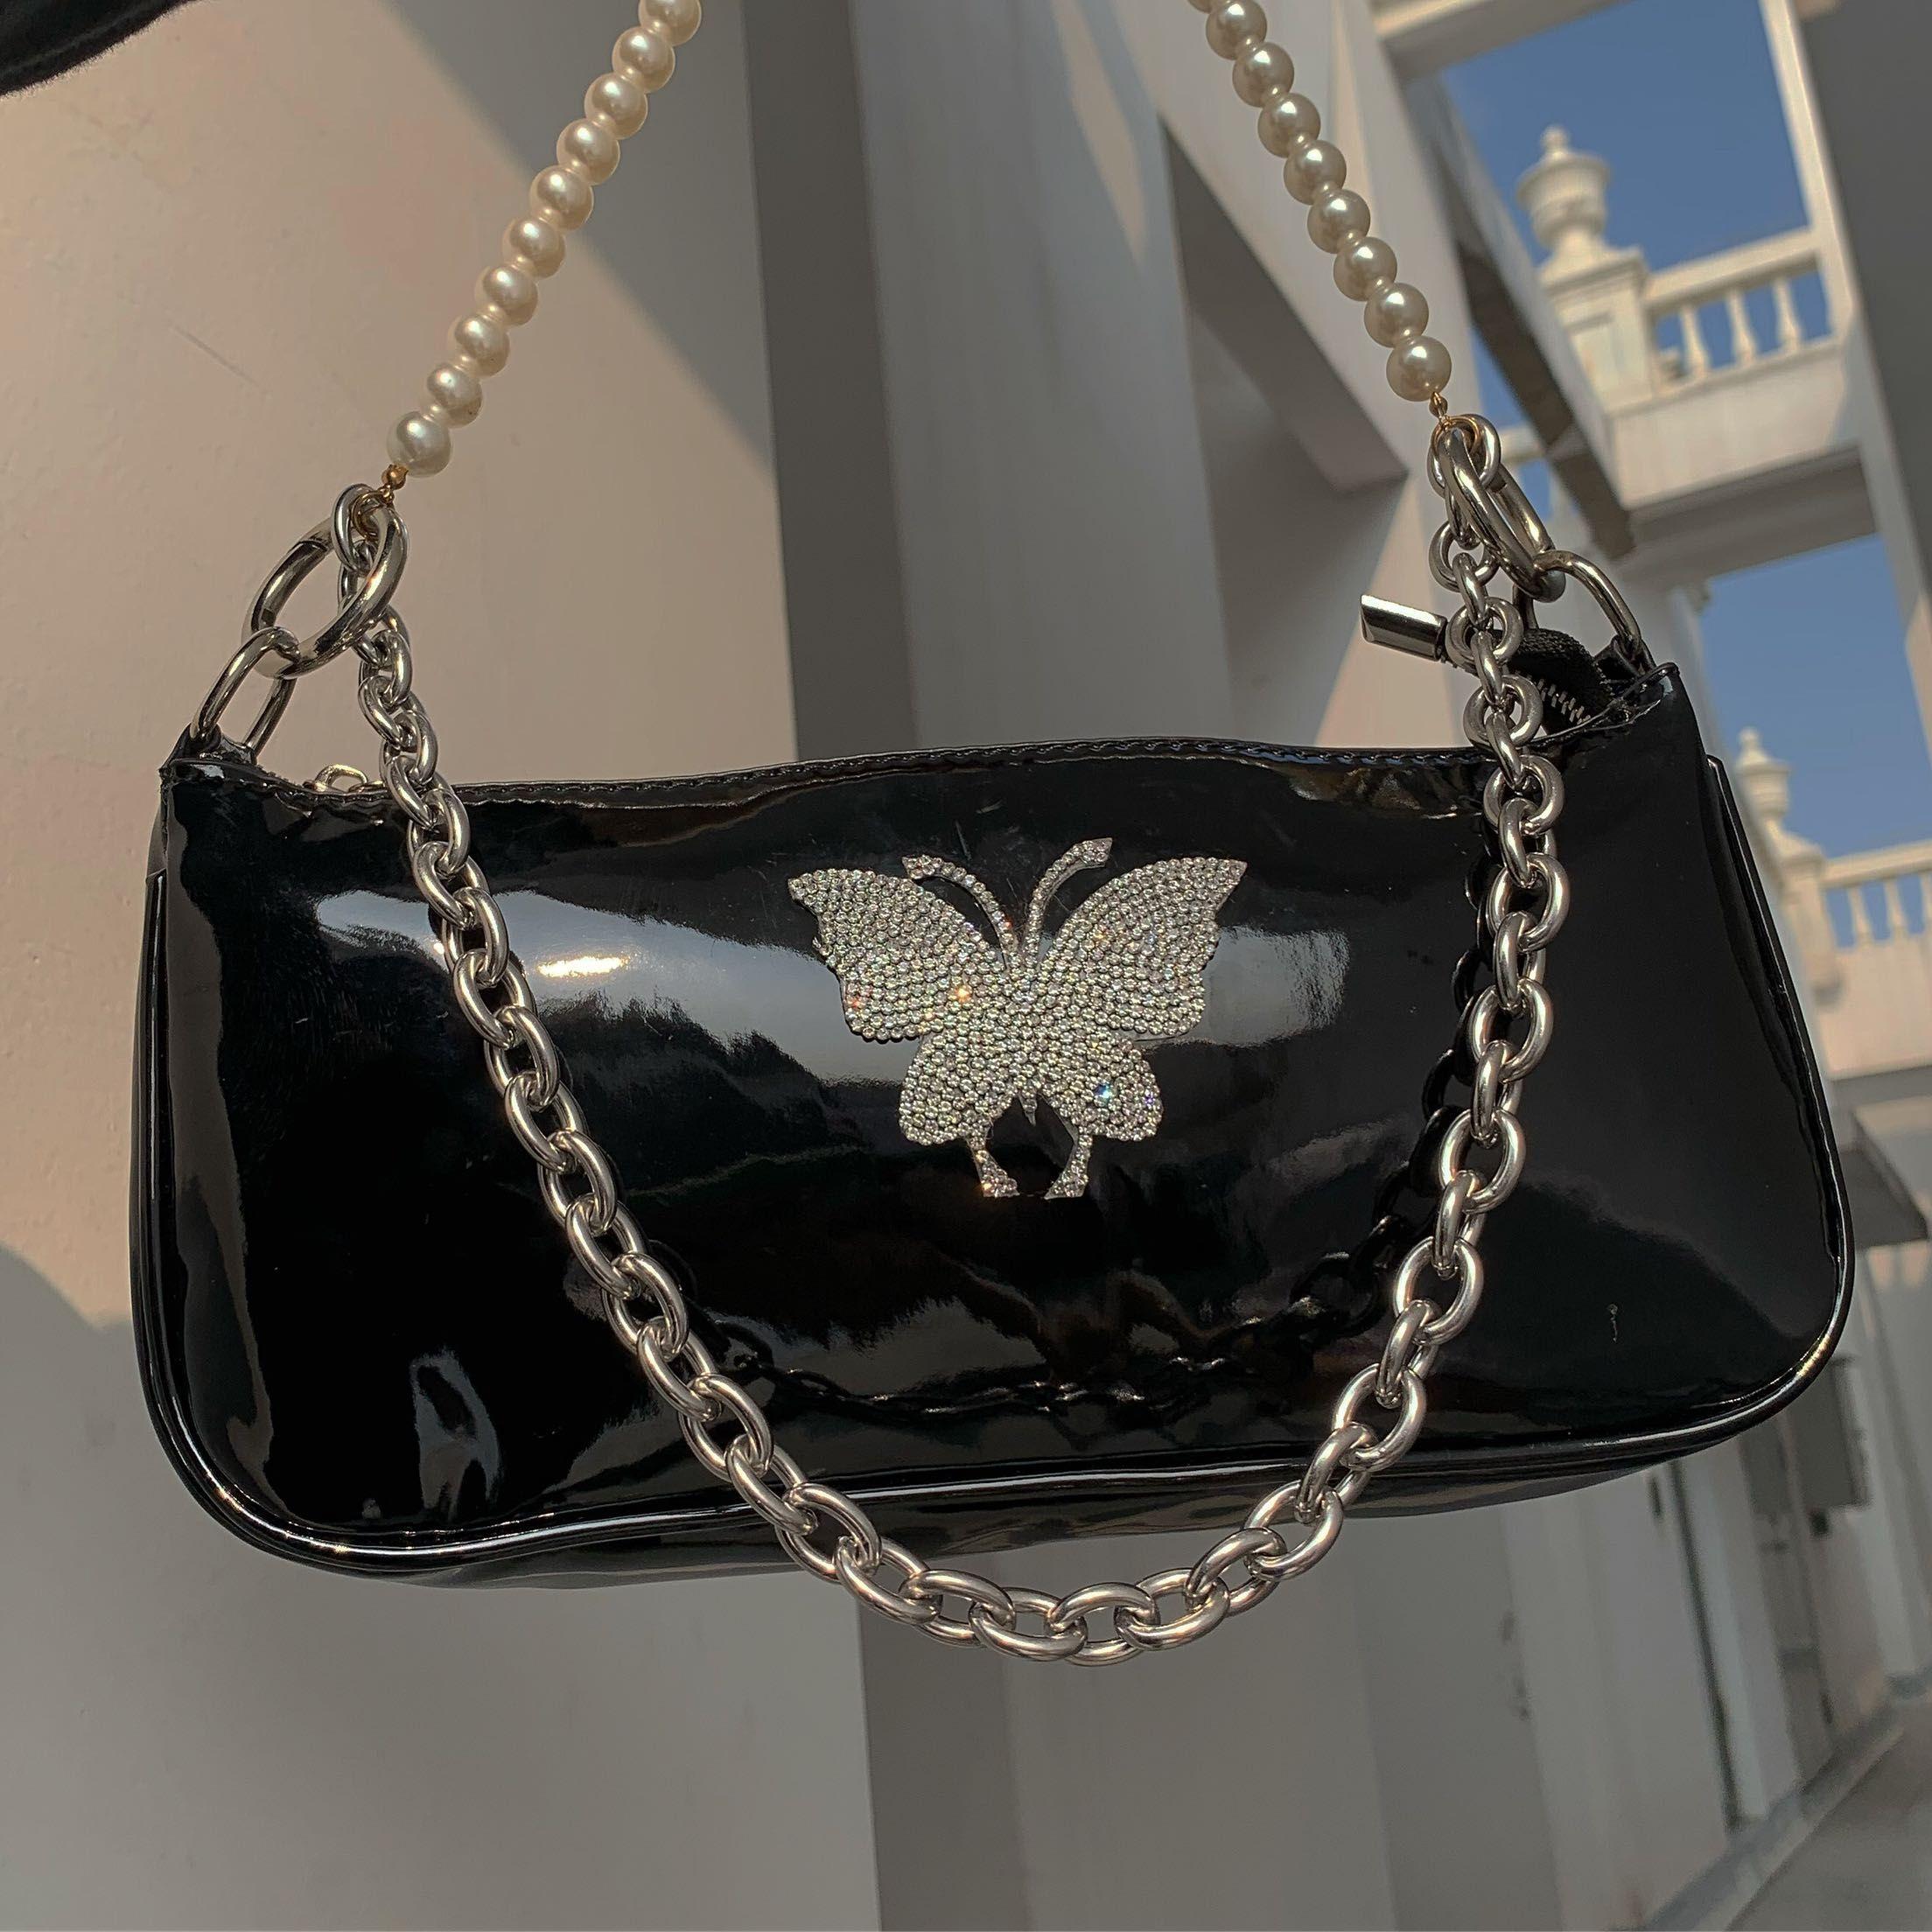 Butterfly Baguette Handbag Y2K